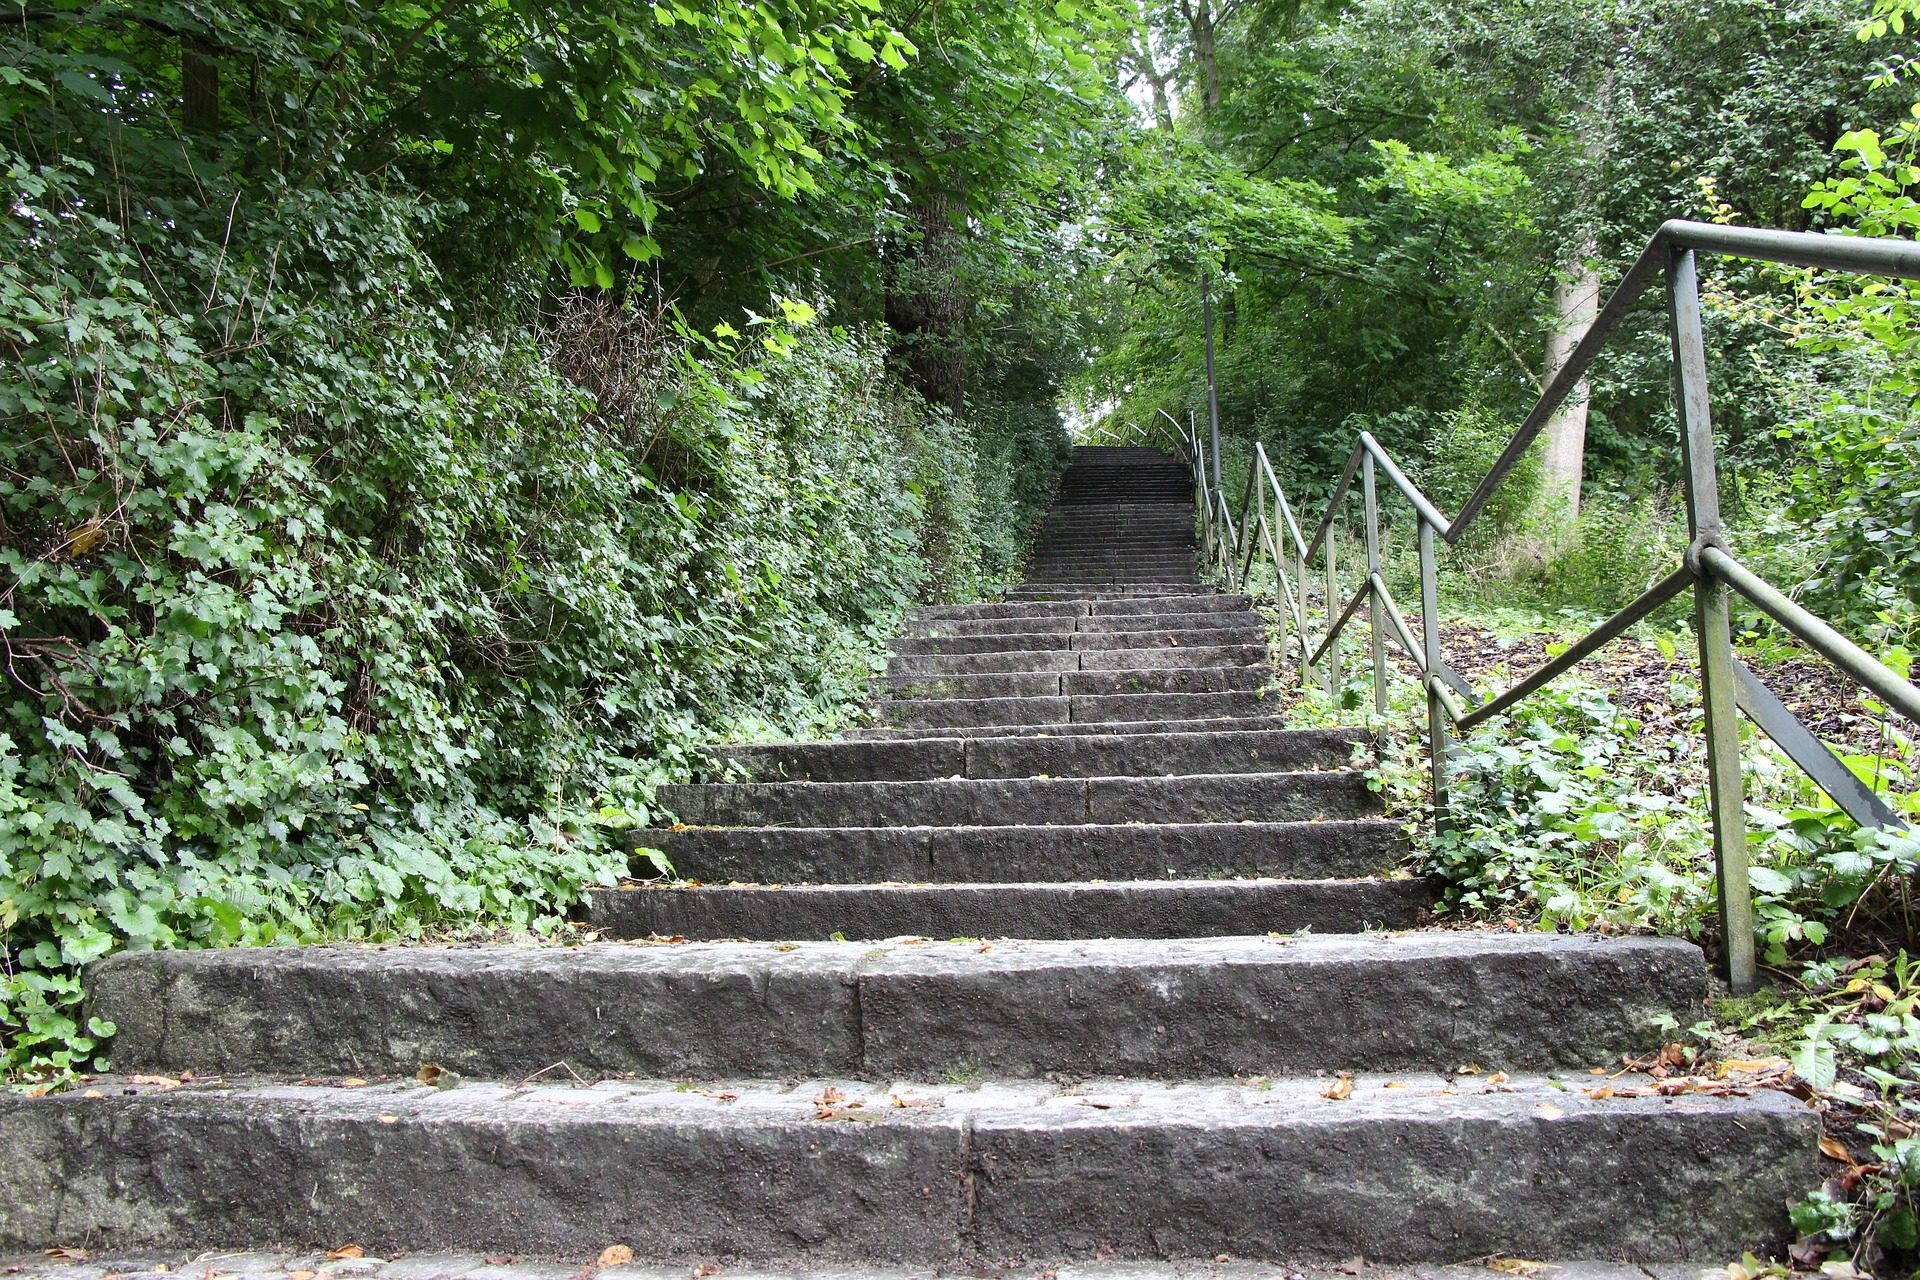 الدرج, درج معالجته, فارانديلا, مرور, الغابات, بارك - خلفيات عالية الدقة - أستاذ falken.com